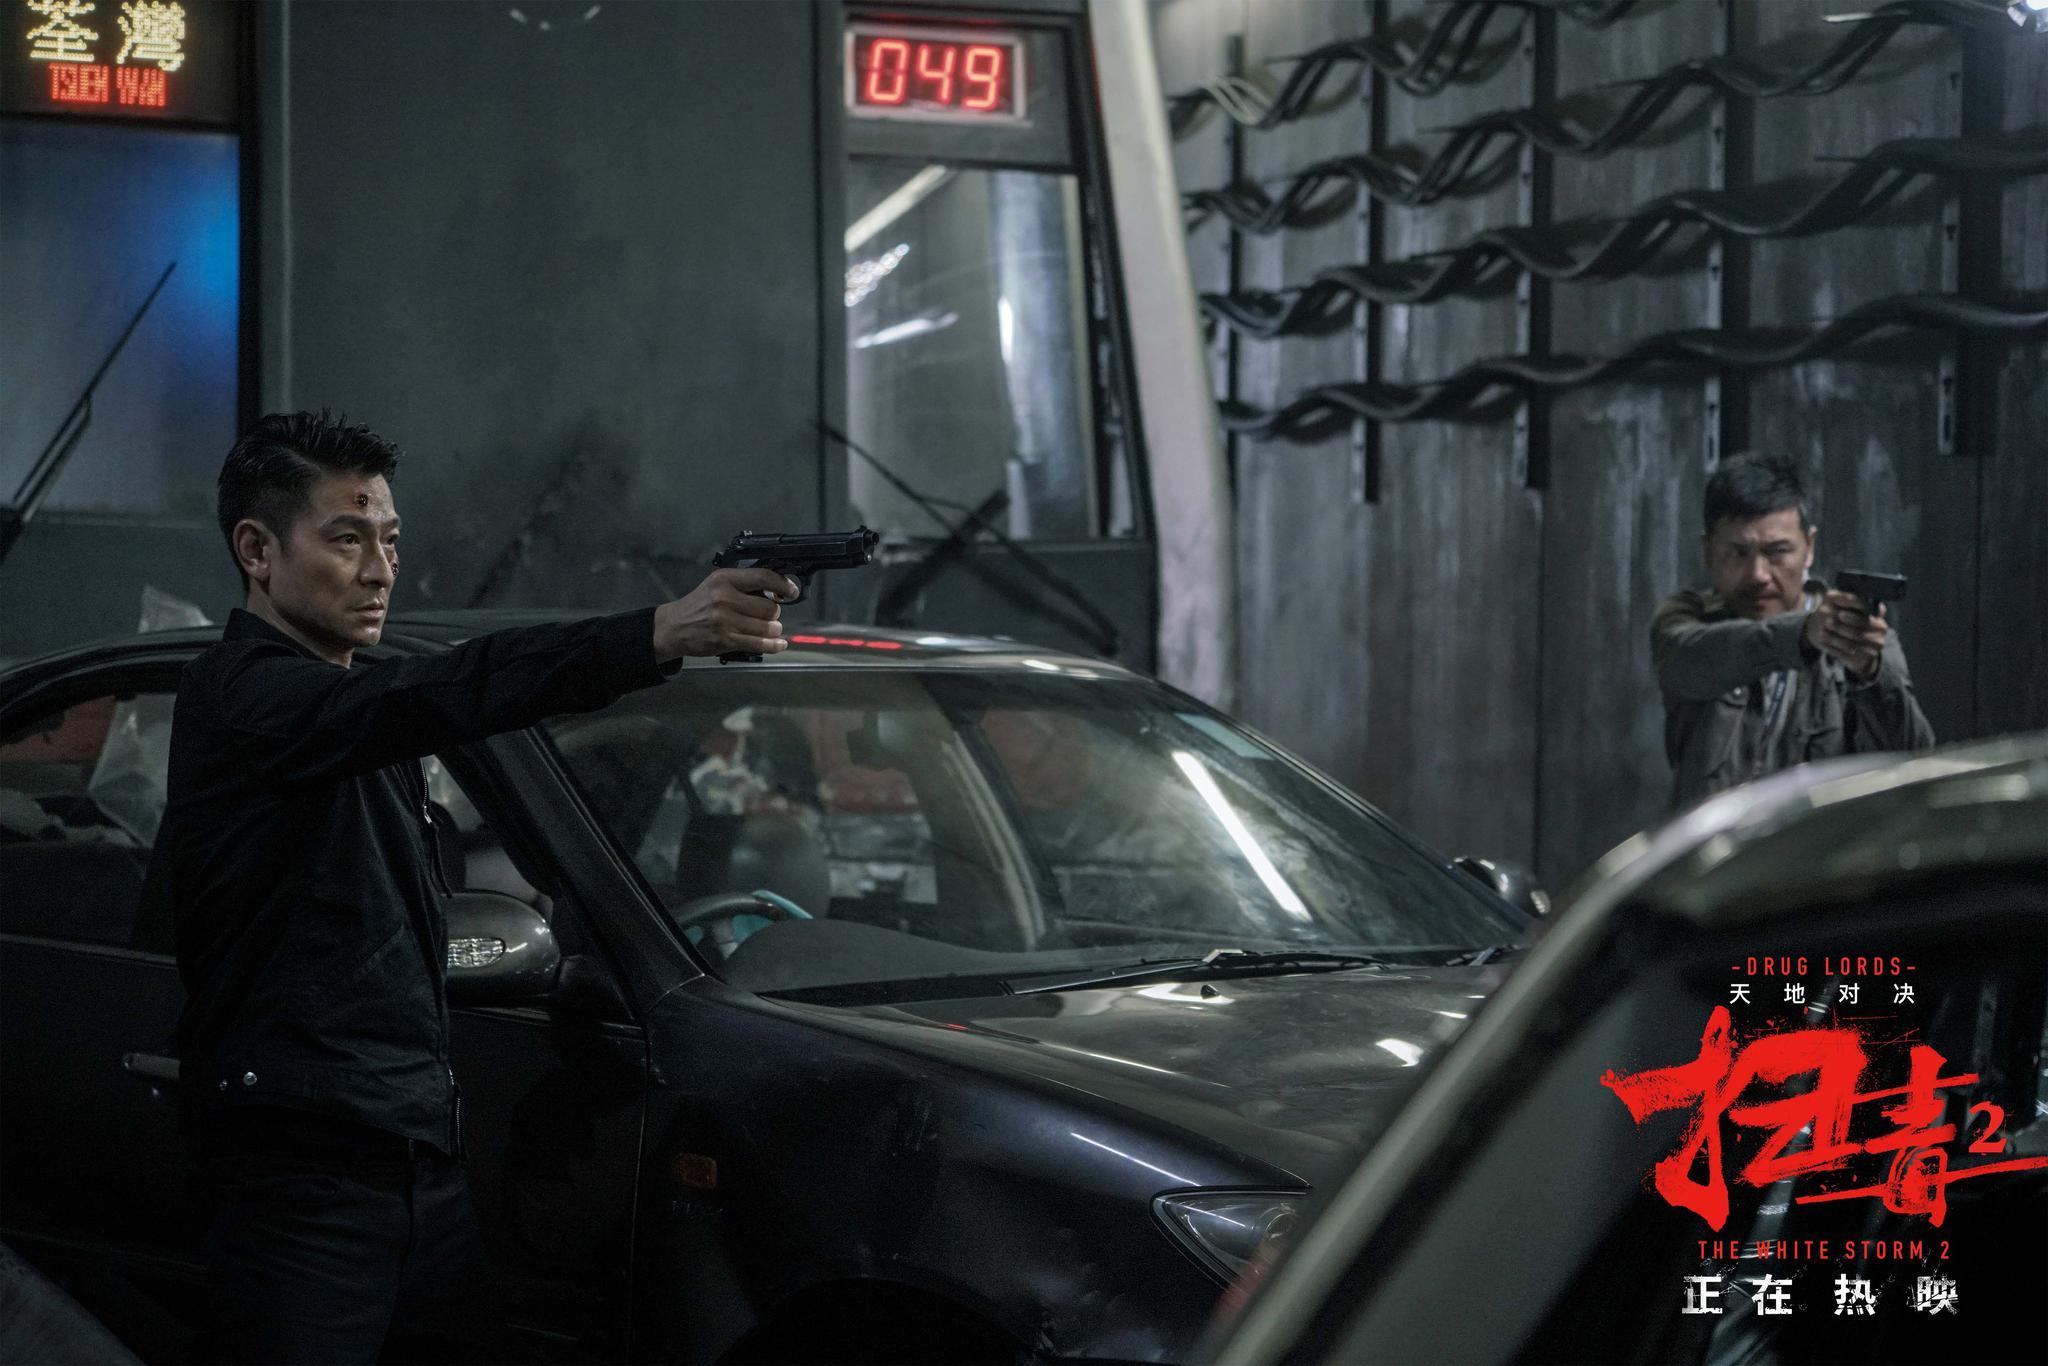 《扫毒2》曝港铁制作特辑1:1搭建香港中环地铁打造银幕视听奇观